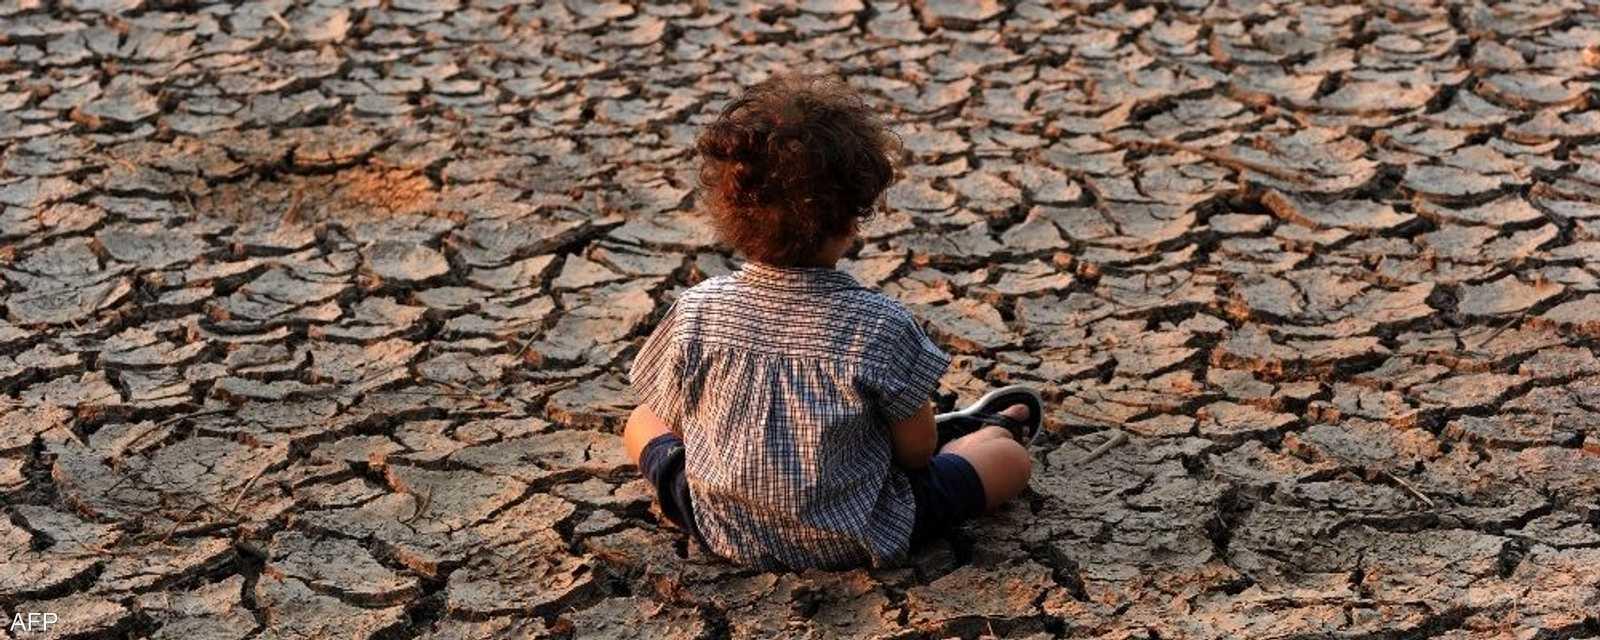 حذرت مسودة تقرير أعدها خبراء المناخ في الأمم المتحدة من أن التغير المناخي سيدمر حتما الحياة كما نعرفها حاليا على كوكب الأرض في غضون ثلاثين عاما وحتى أقل.